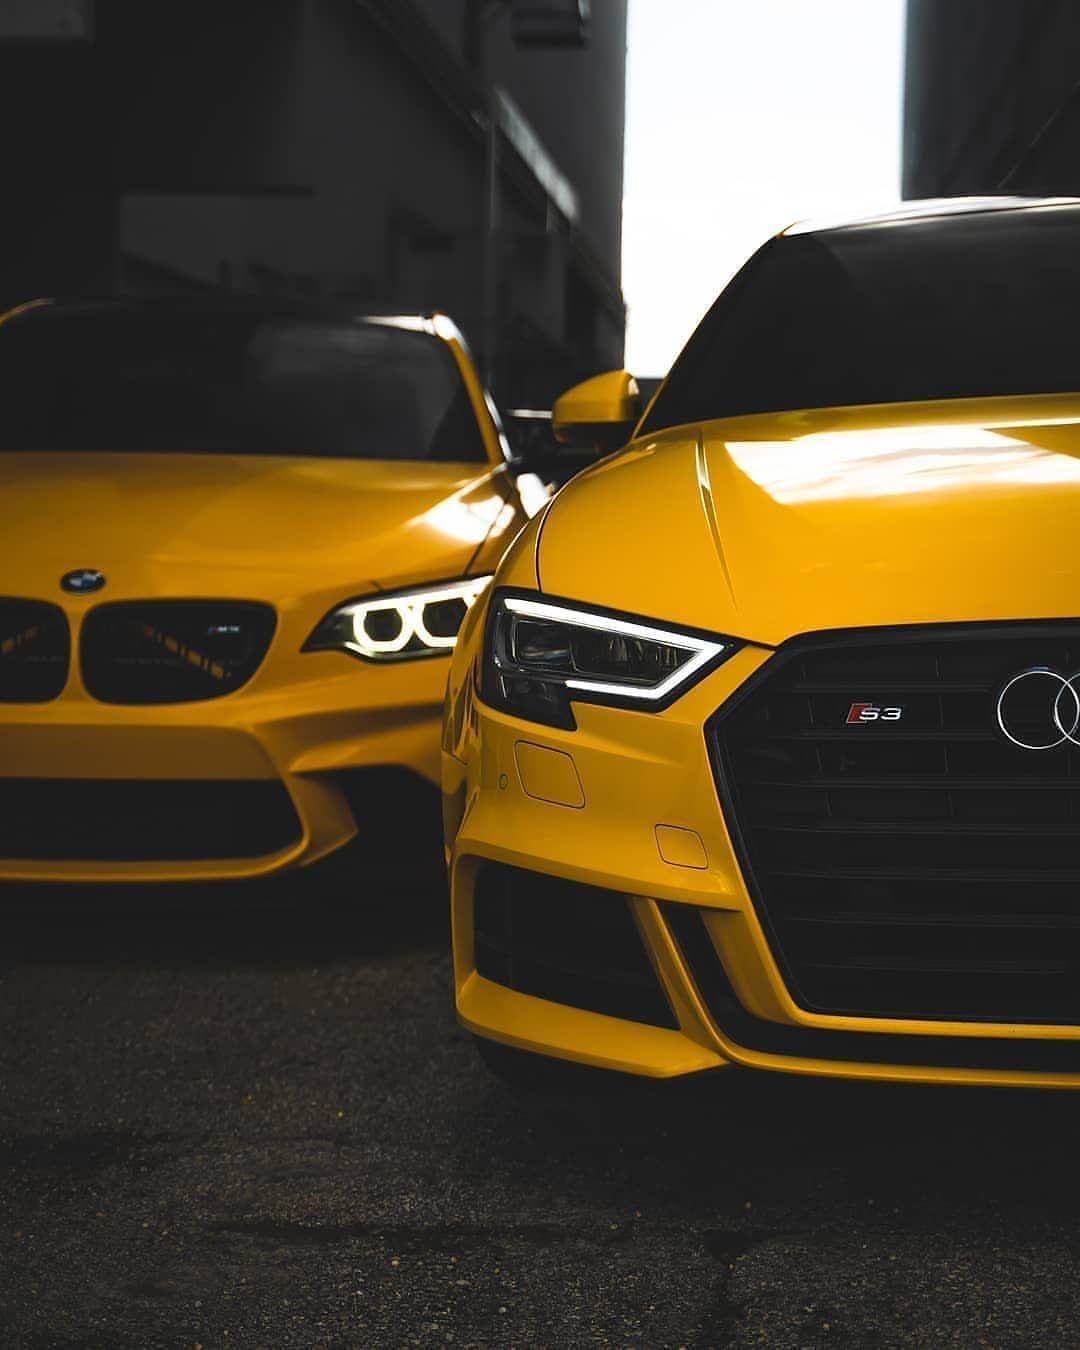 Audi S3 Vs Bmw M2 In 2020 Bmw M2 Bmw Super Cars